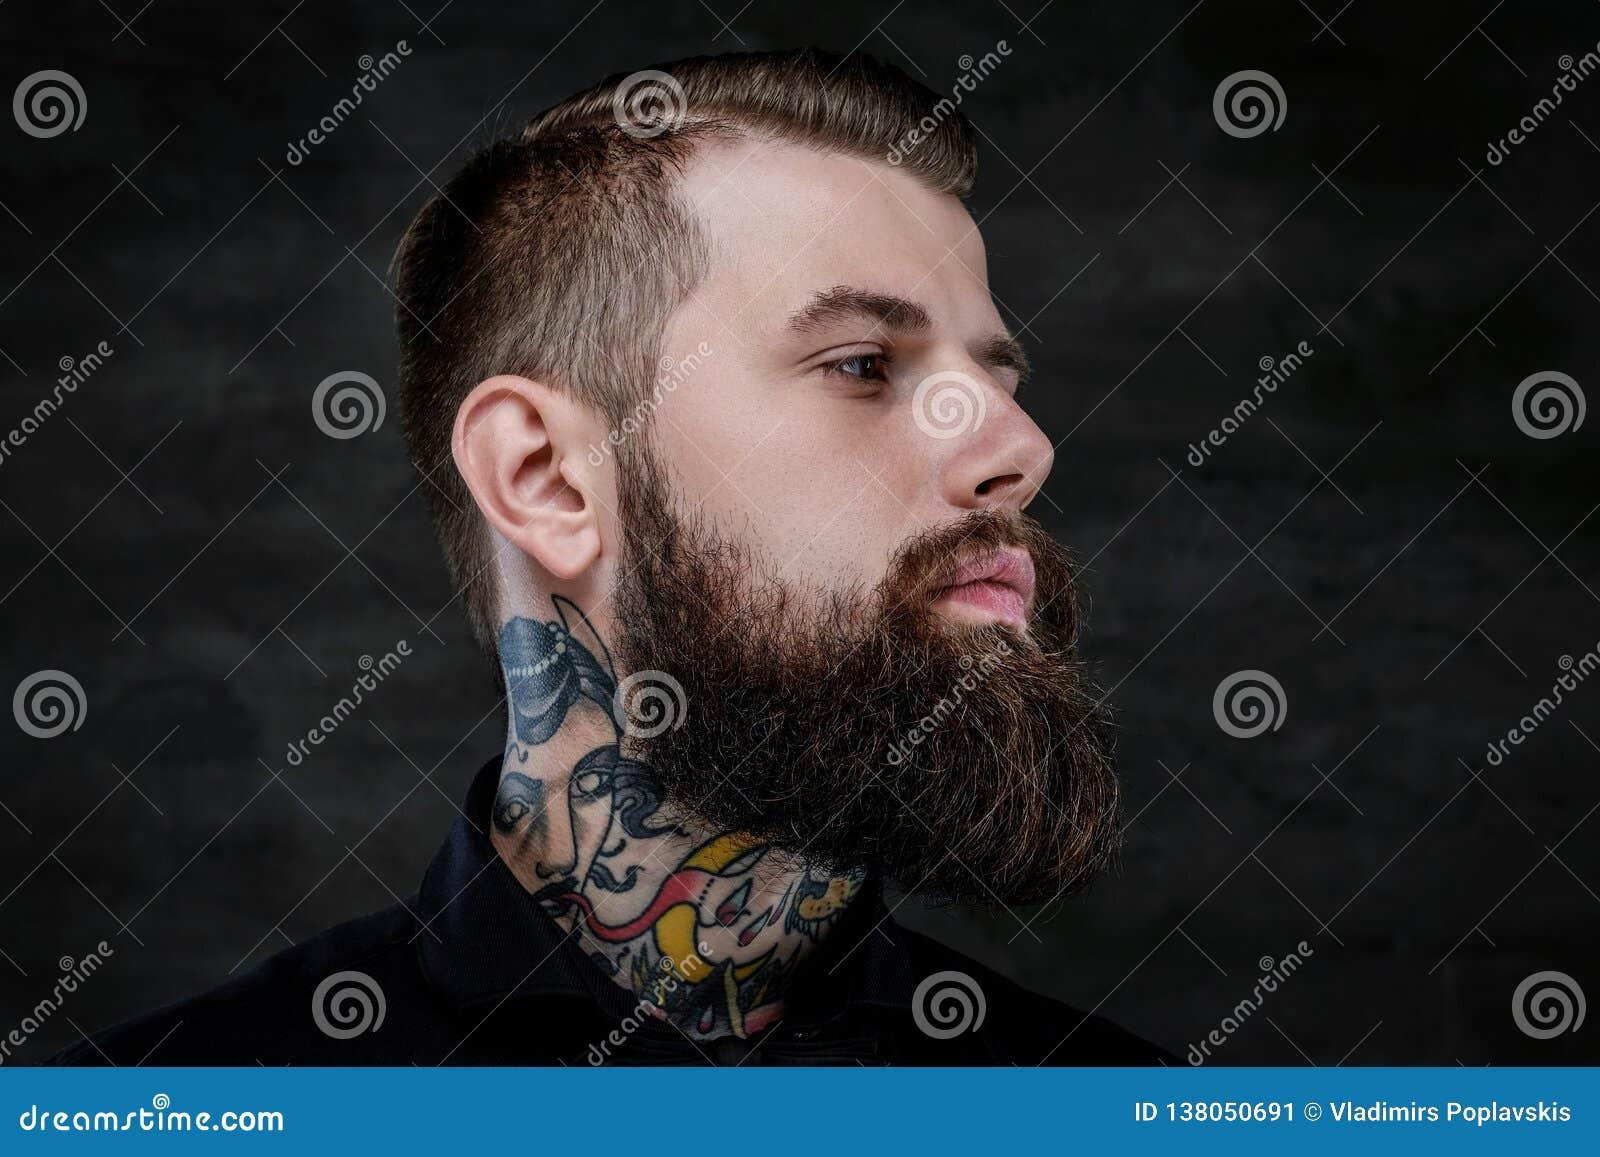 Profilowy portret ekspresyjny brodaty mężczyzna z tatuażami na jego szyi na ciemnym tle,